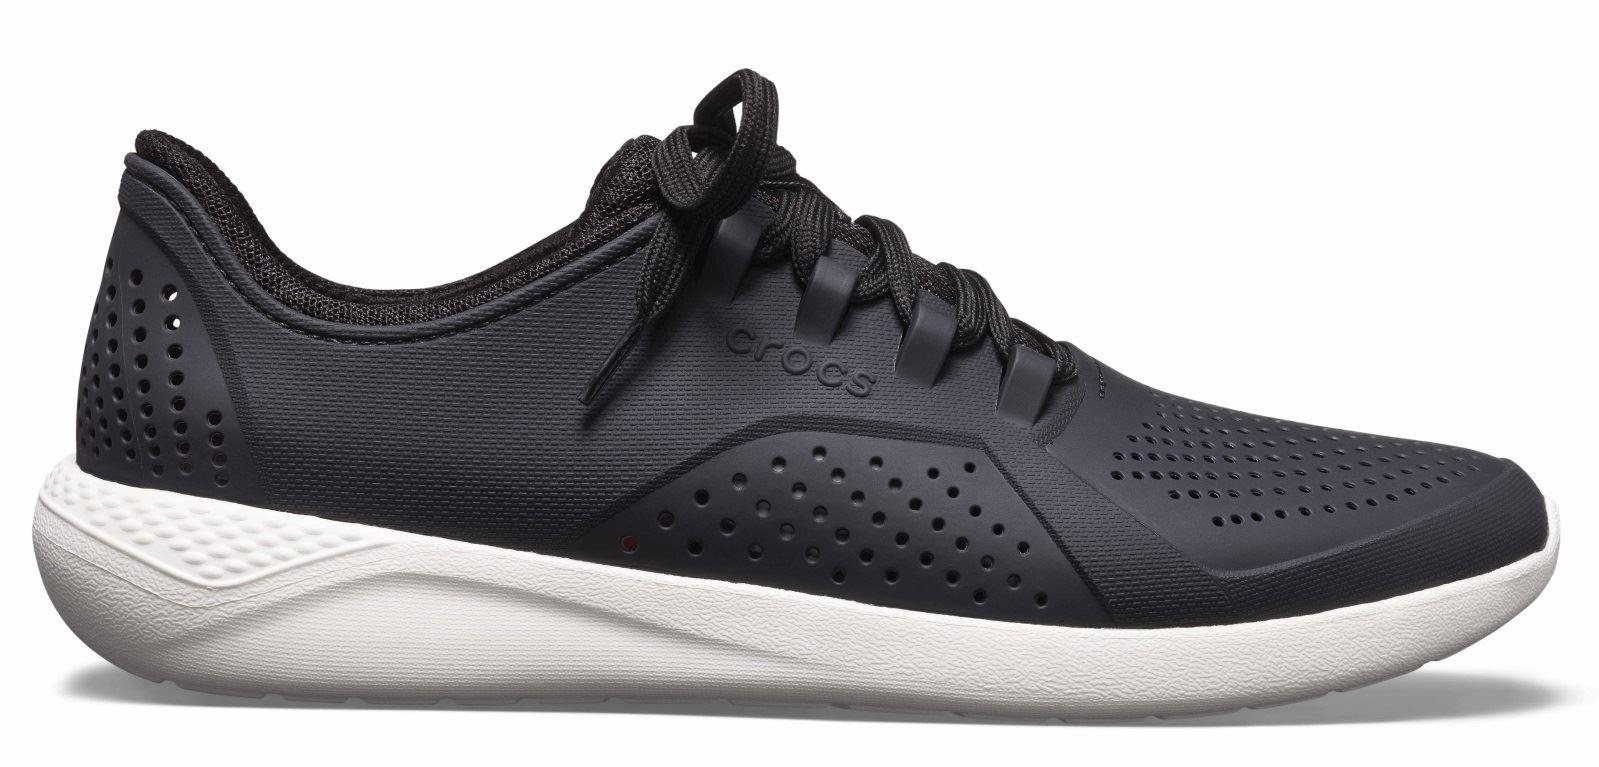 0da5424363112 Pánske topánky Crocs LiteRide Pacer čierna | hs-sport.sk